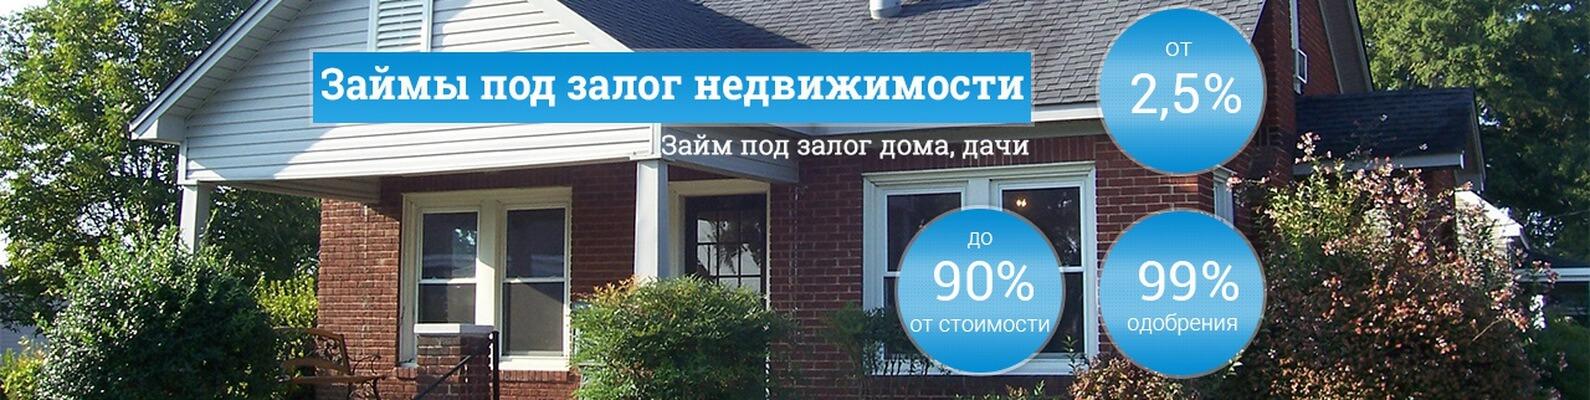 Ипотечный кредит под залог жилья